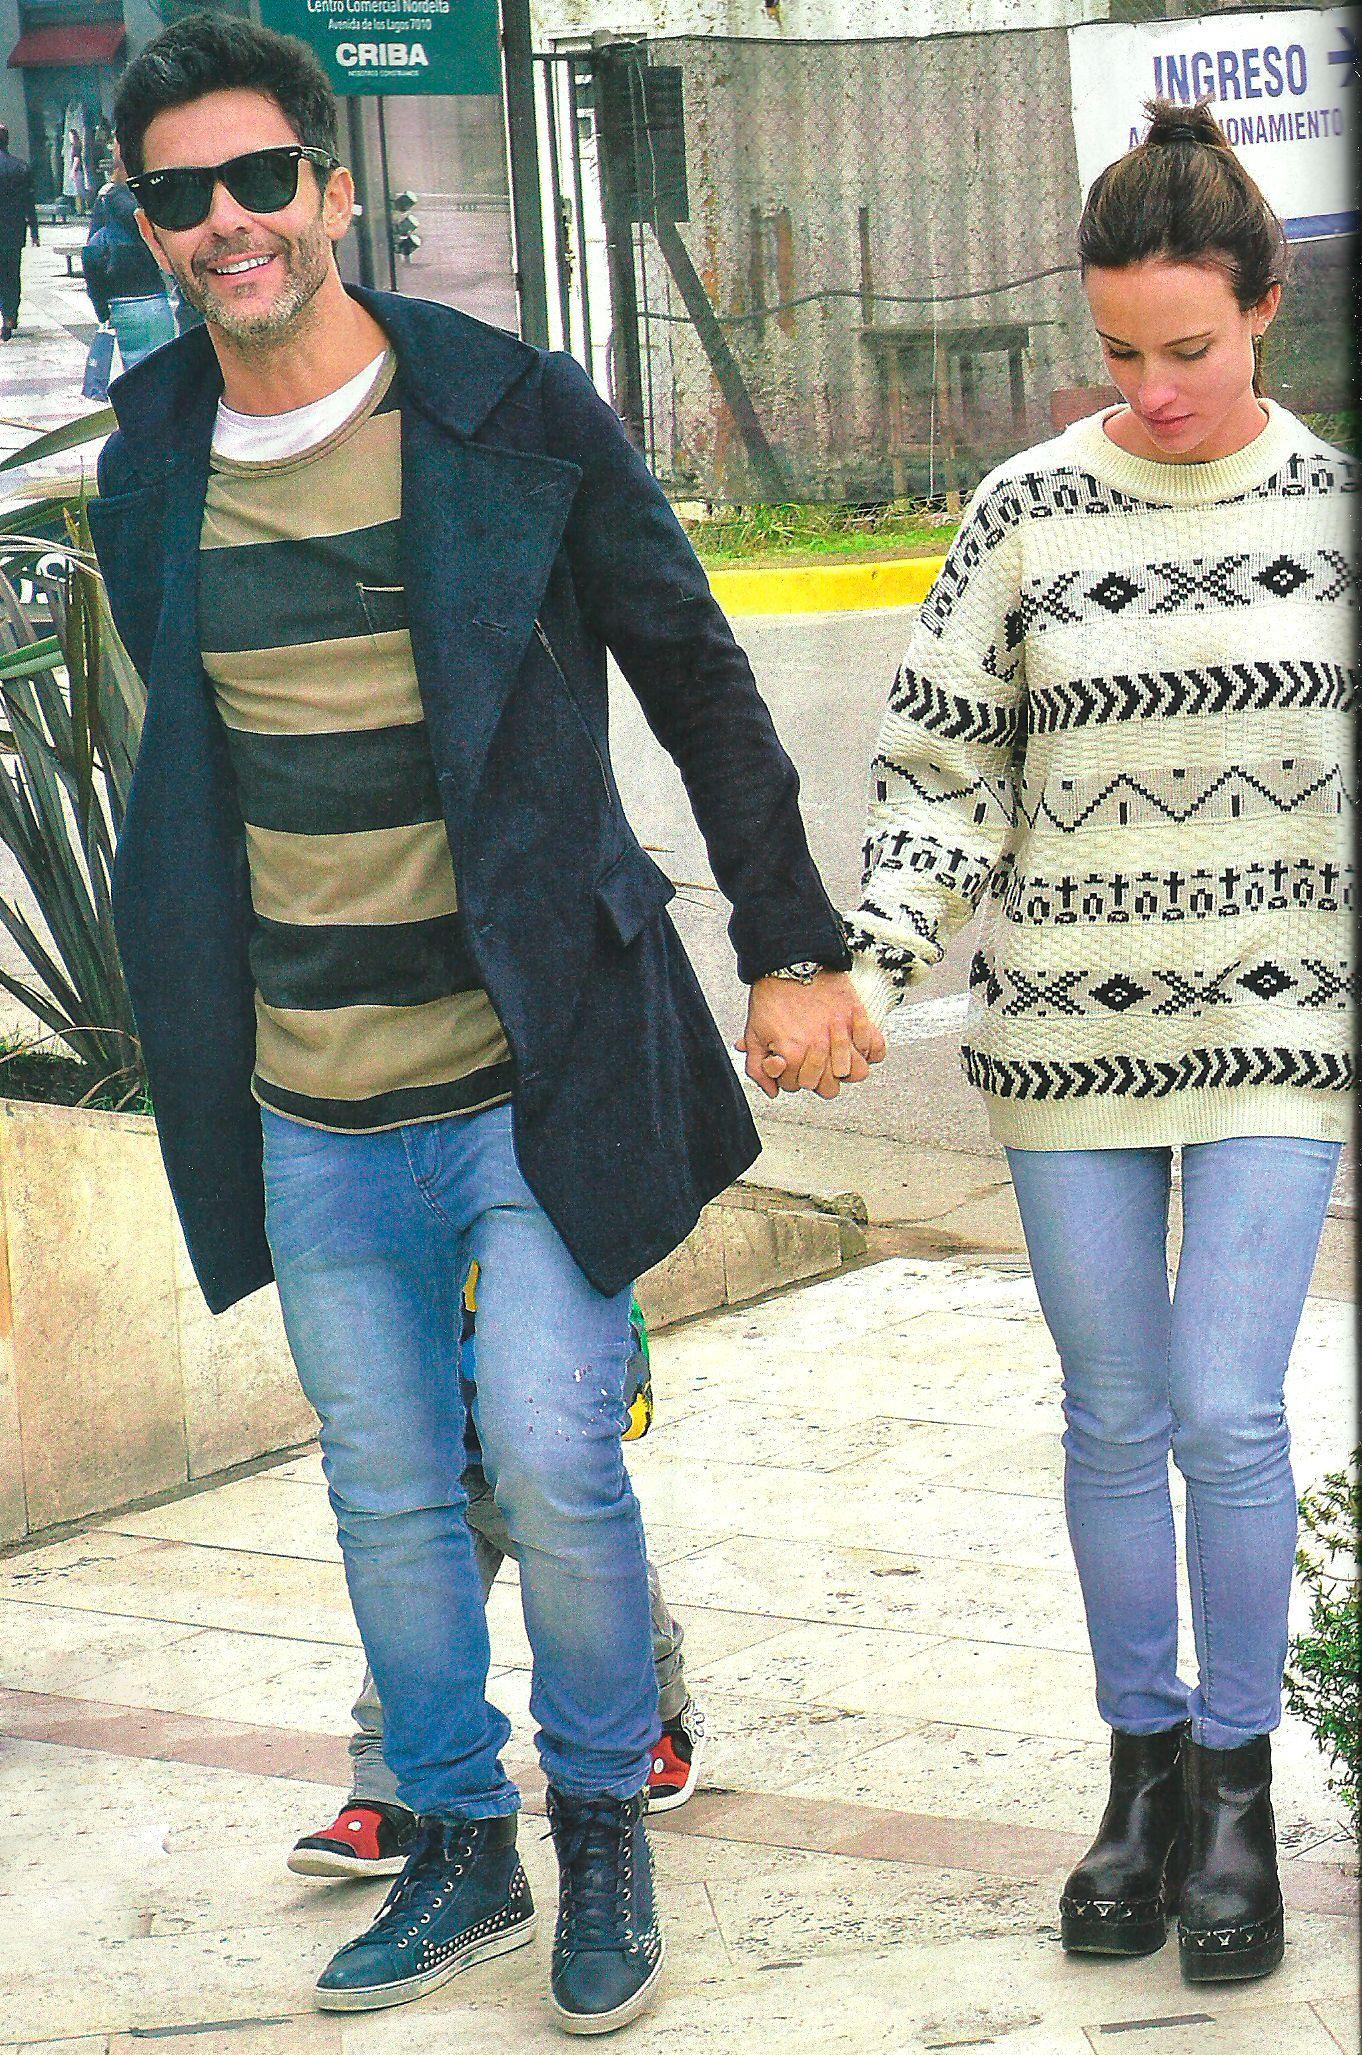 Mariano Martínez: miradas cómplices, besos y paseo con su nueva novia en Nordelta